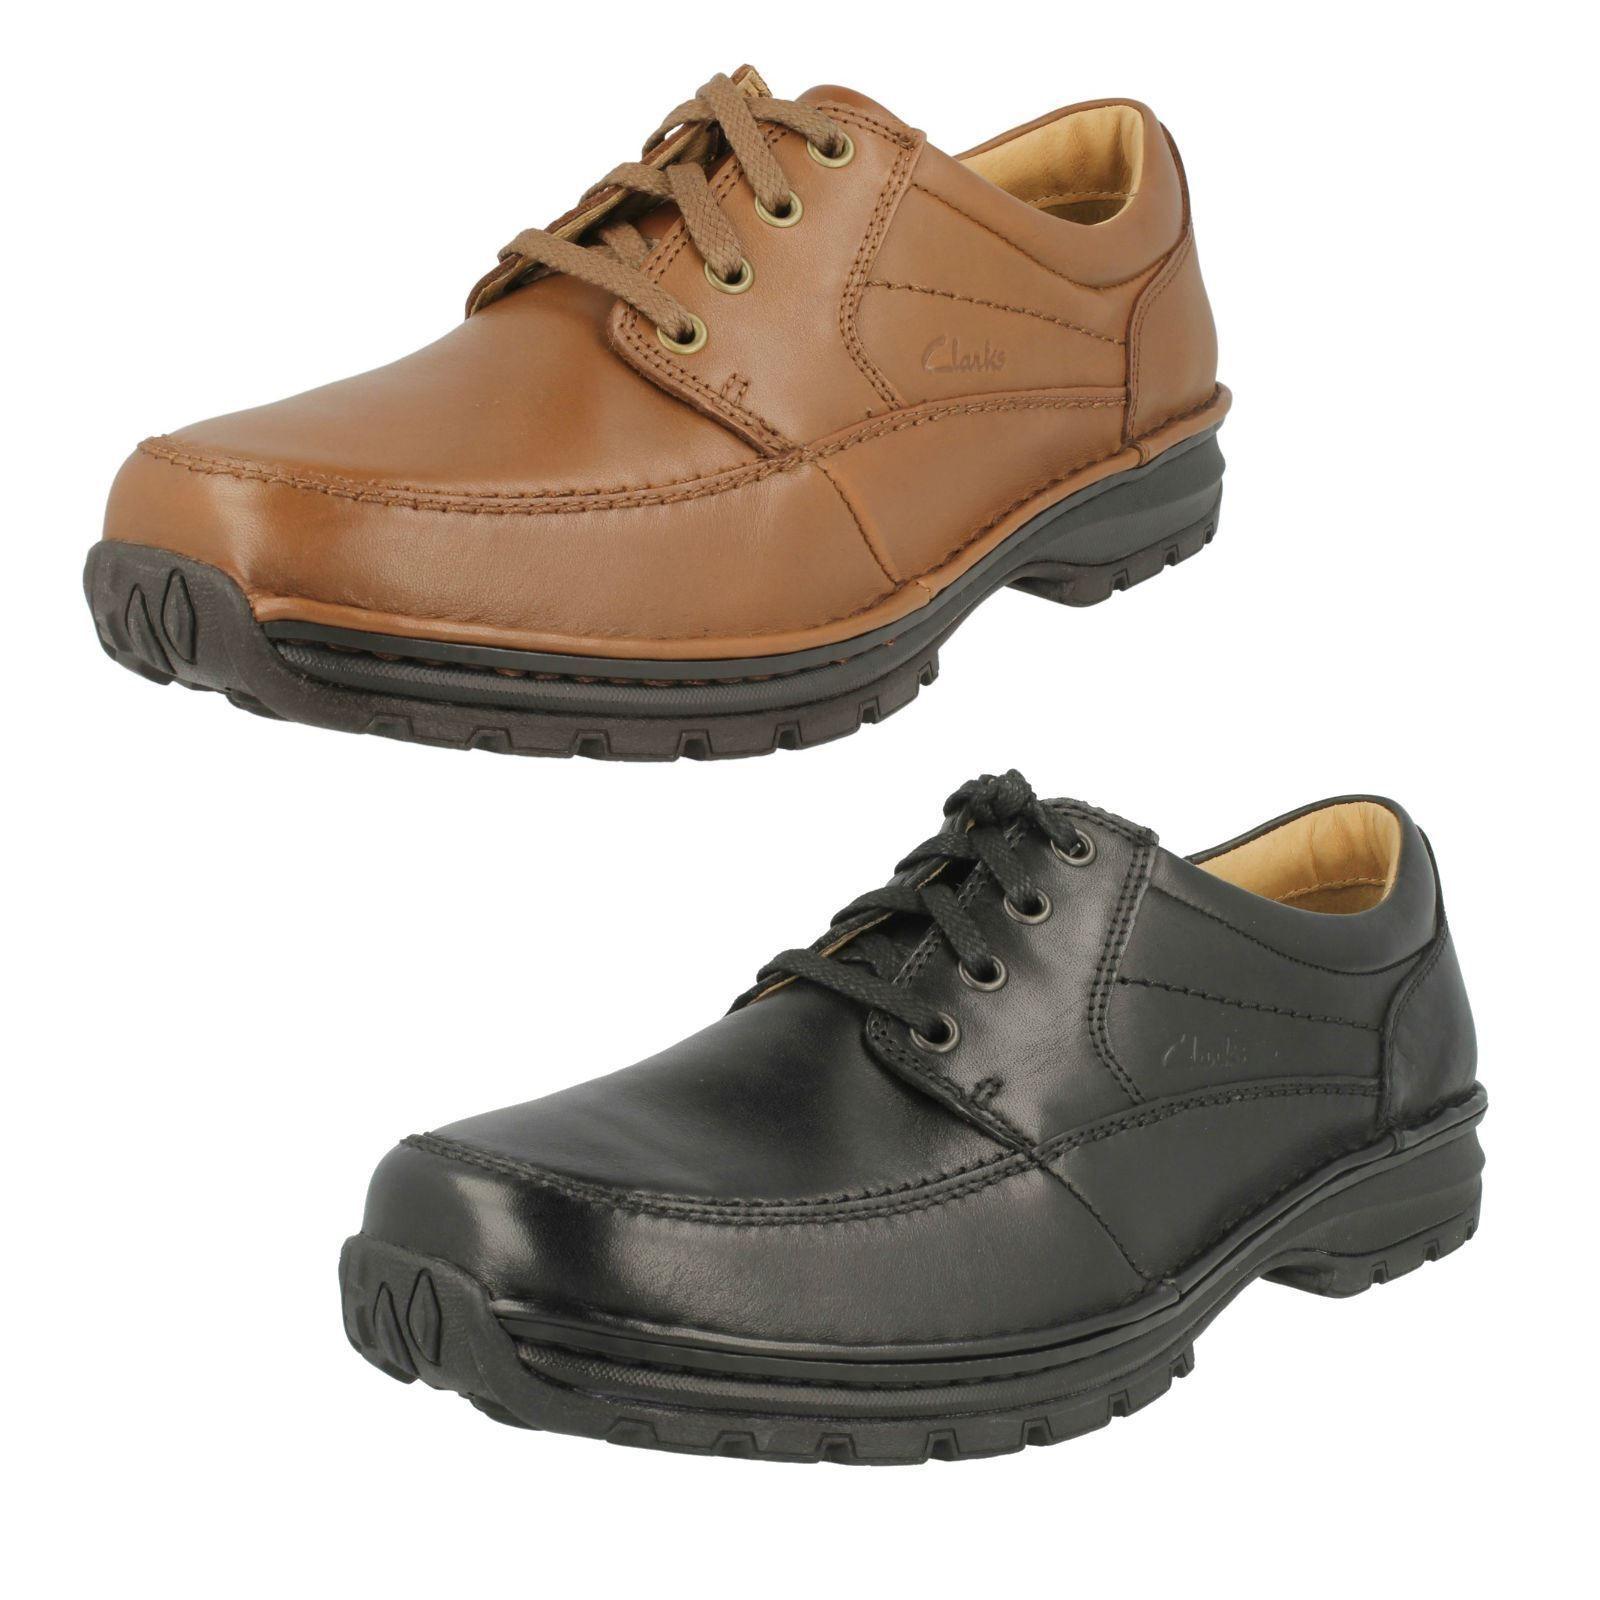 Herren schwarz/braun Clarks Schnürer H- Passform Schuhe Sidmouth Meile